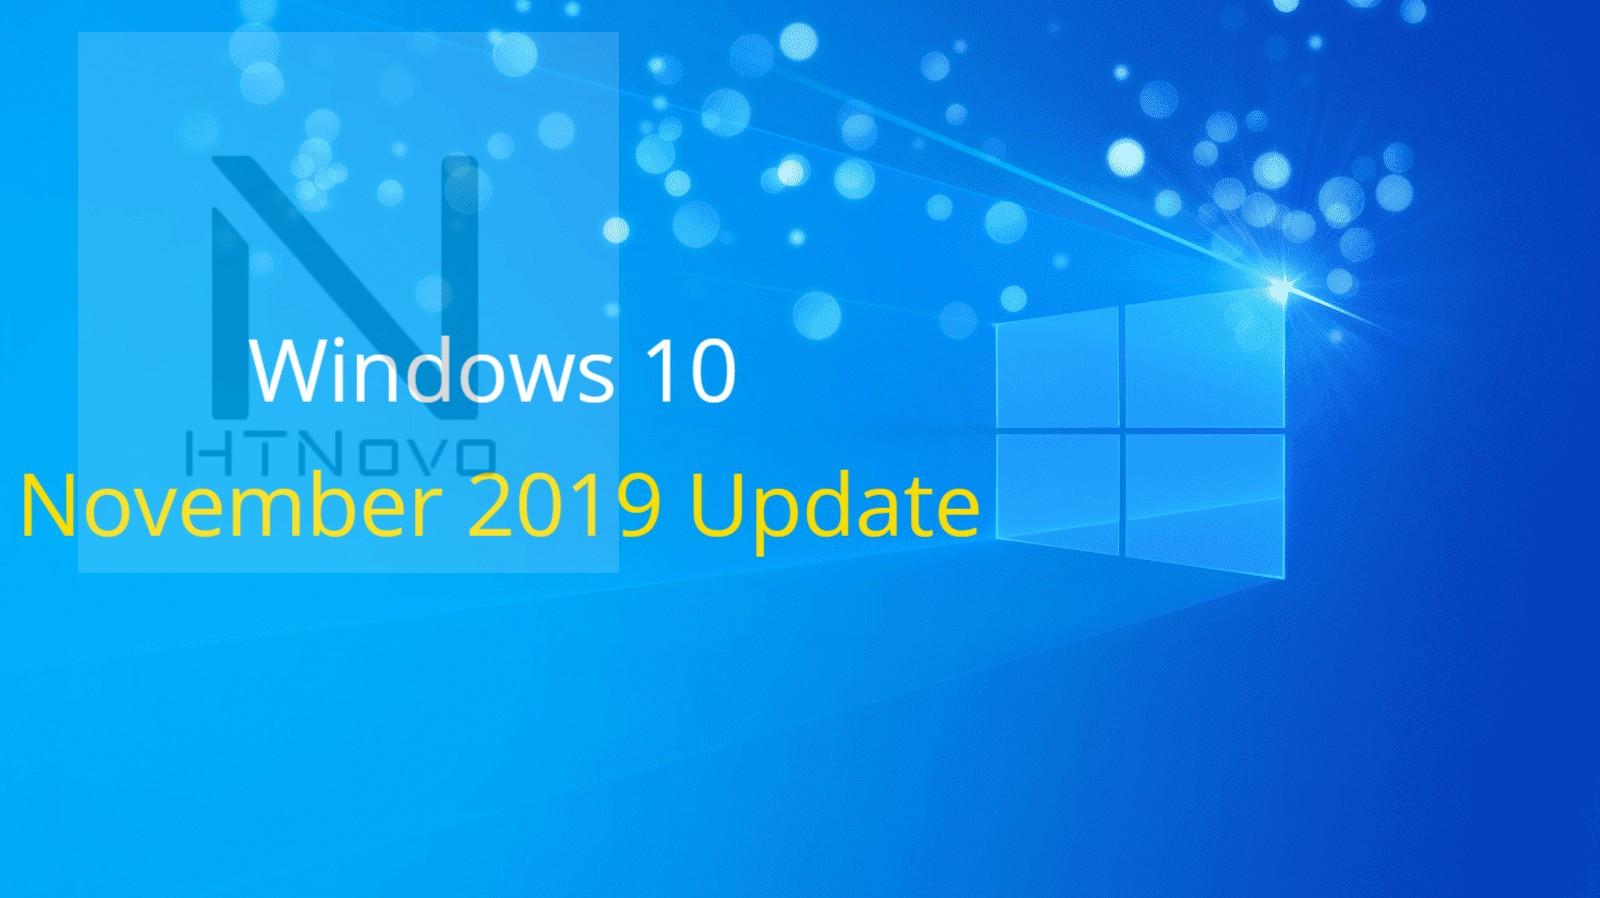 Aggiornamento cumulativo .NET Framework per Windows 10 versione 1909